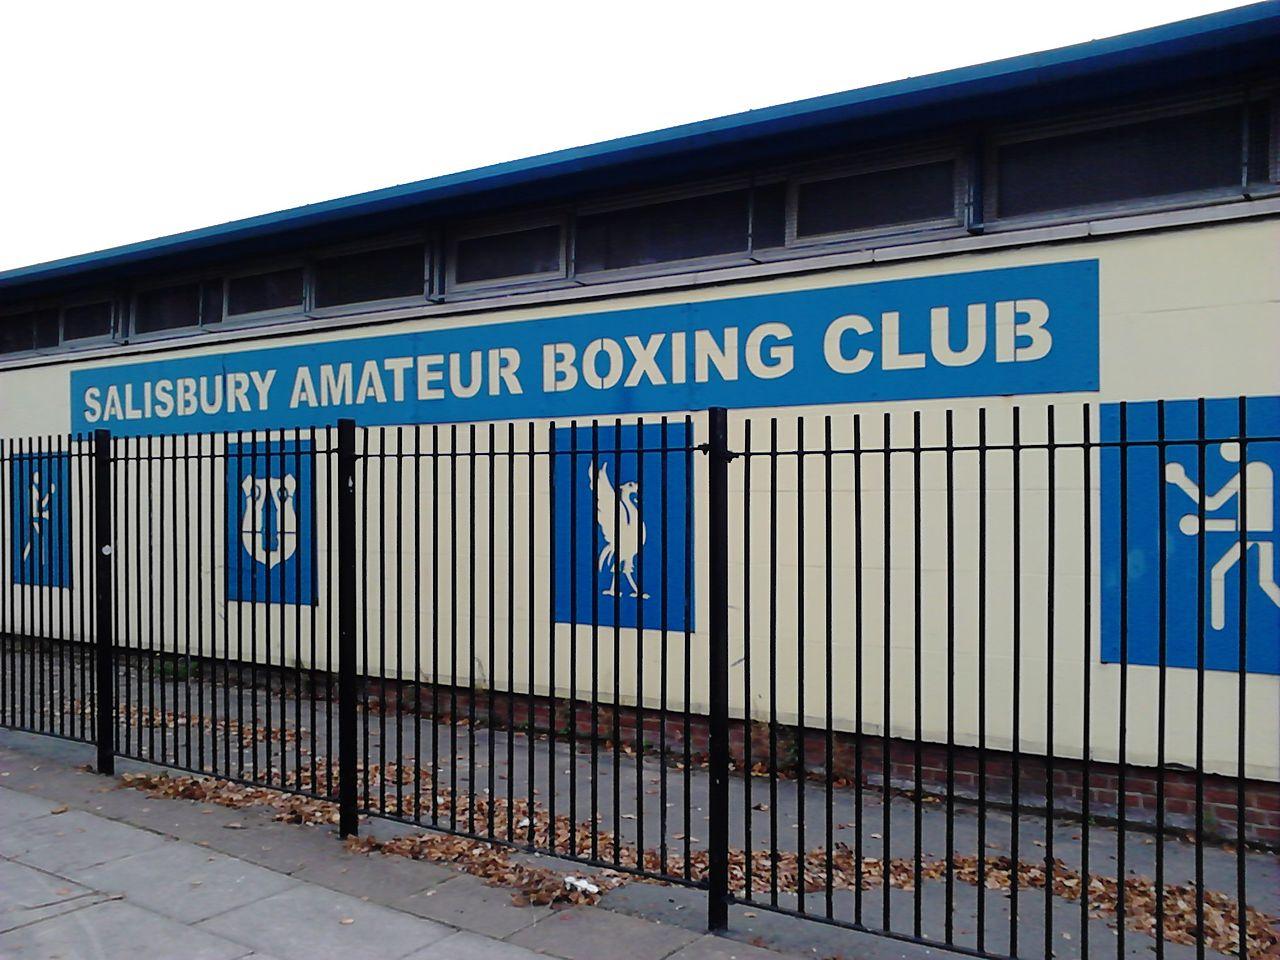 Laredo Amateur Boxclub